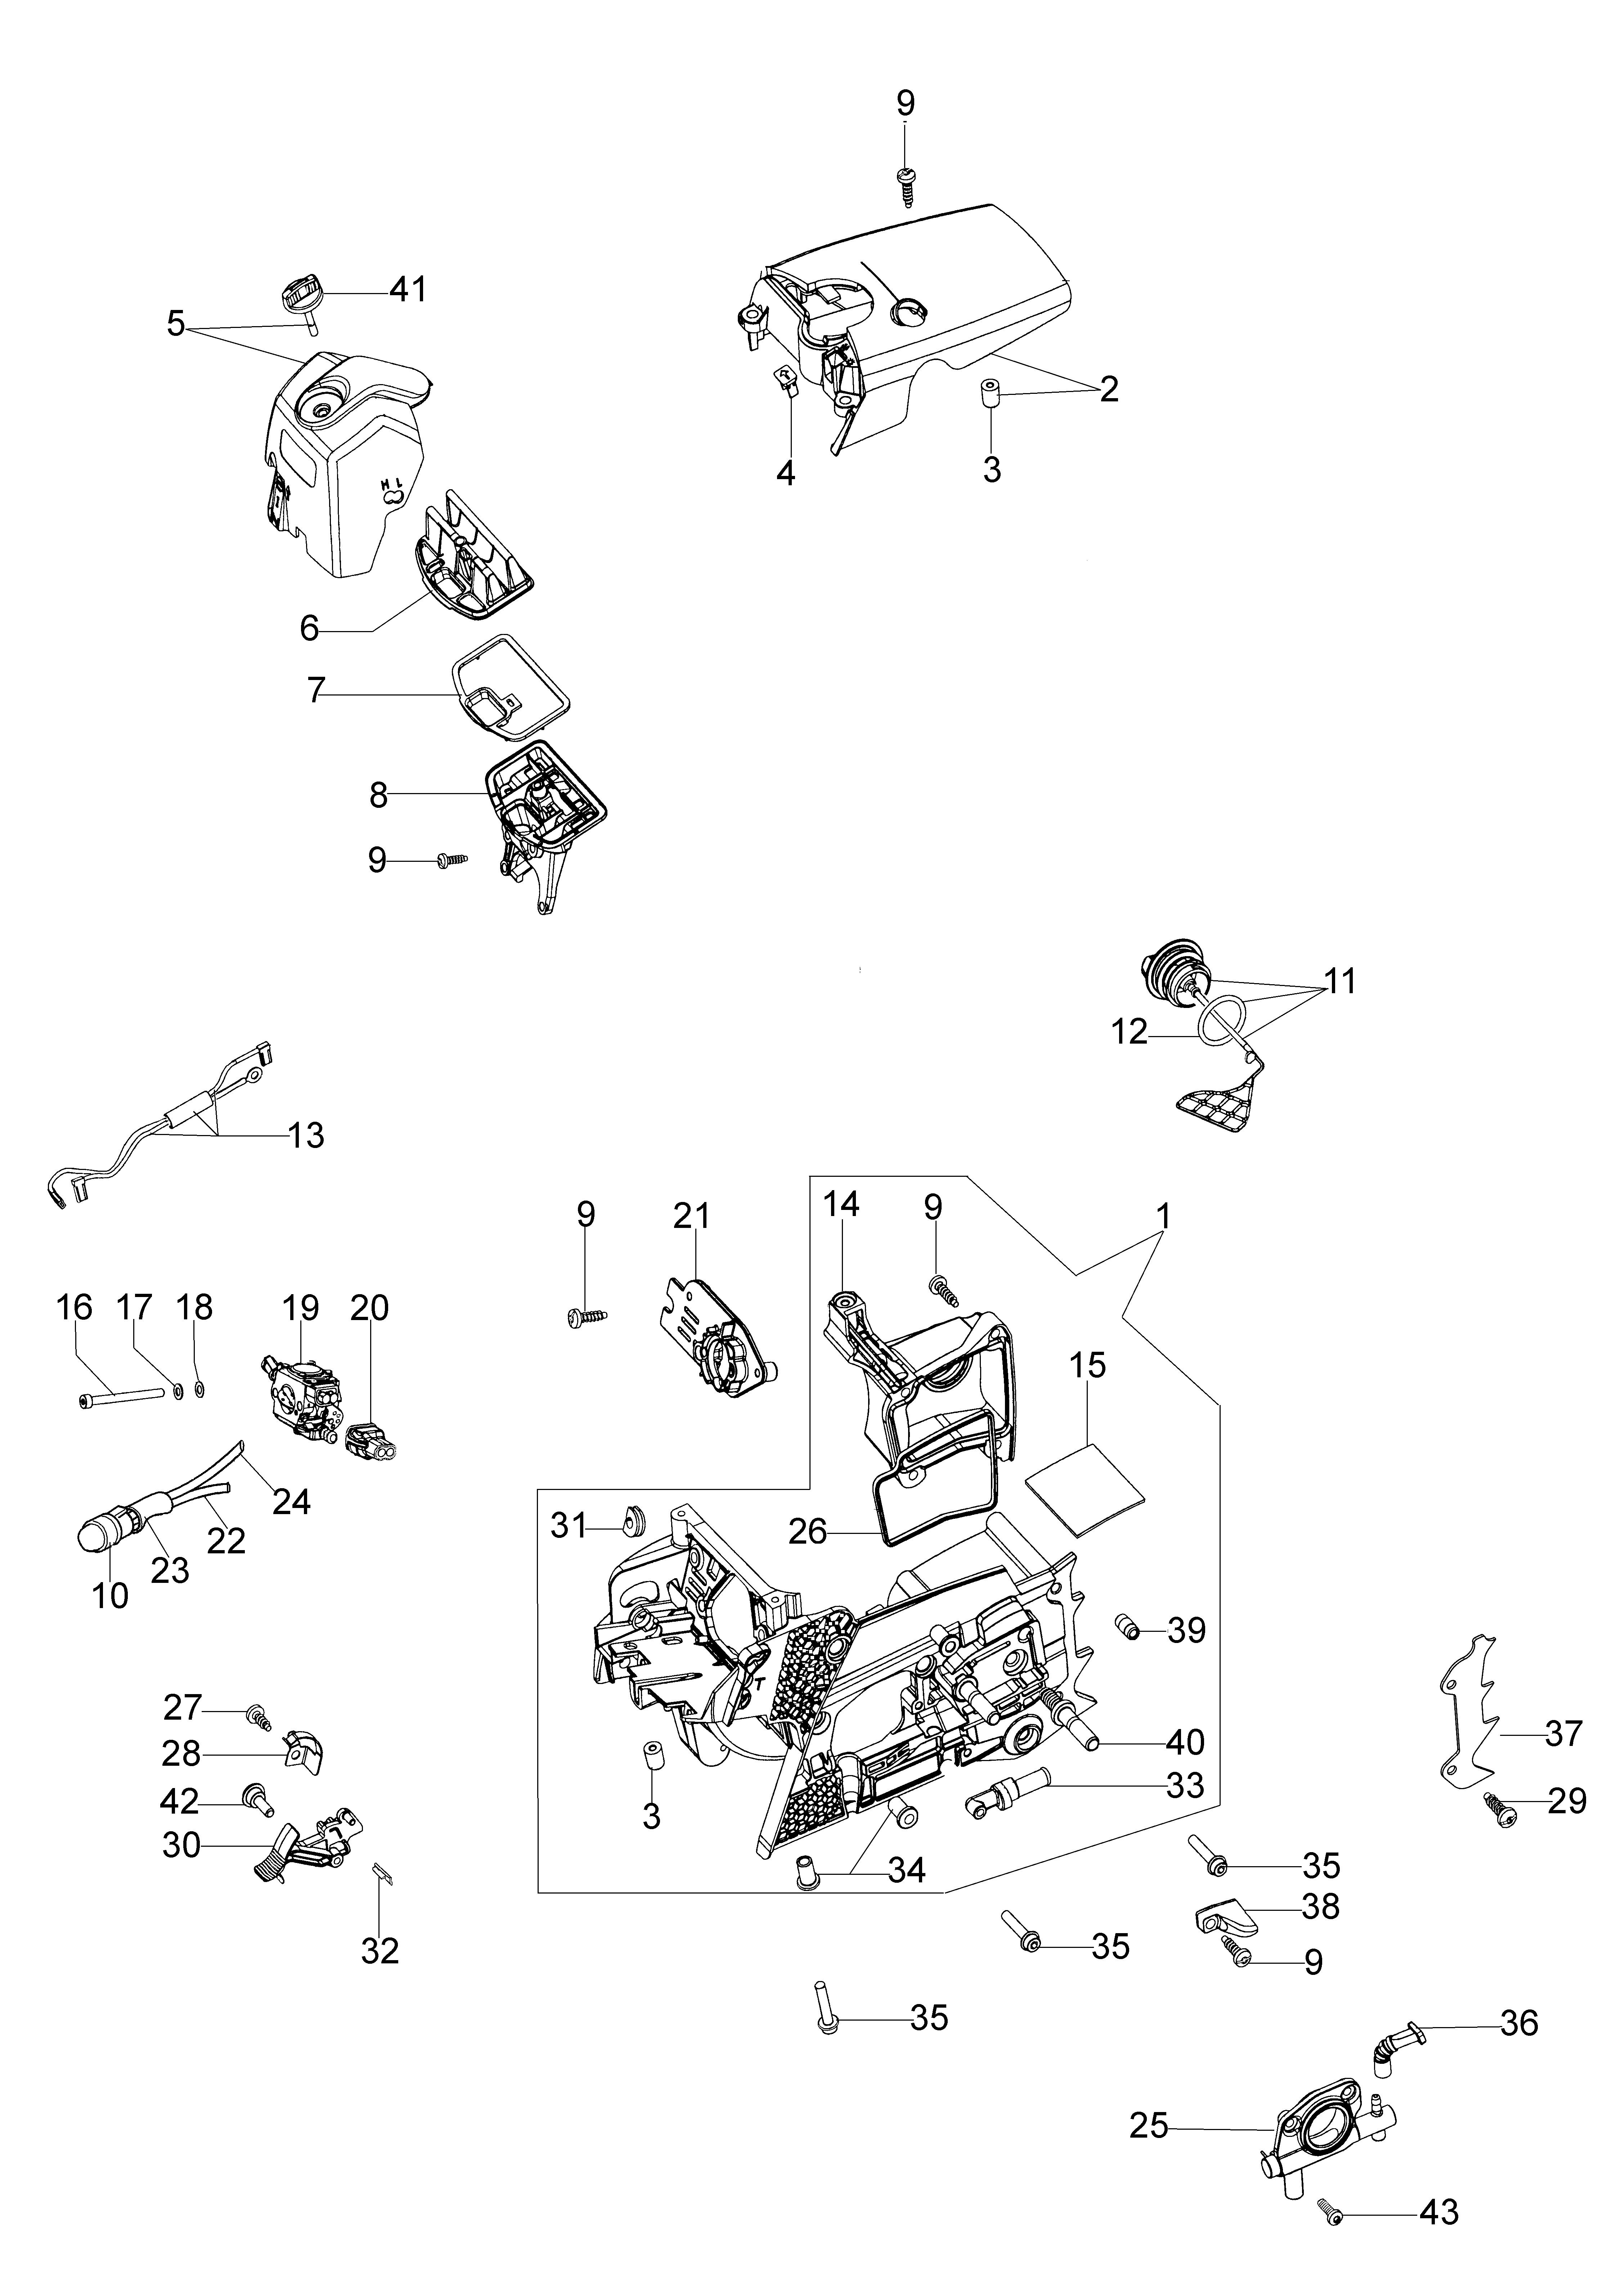 GS 440 (Euro 2) Tronçonneuse oleomac Dessins pièces vue éclatée Carter moteur